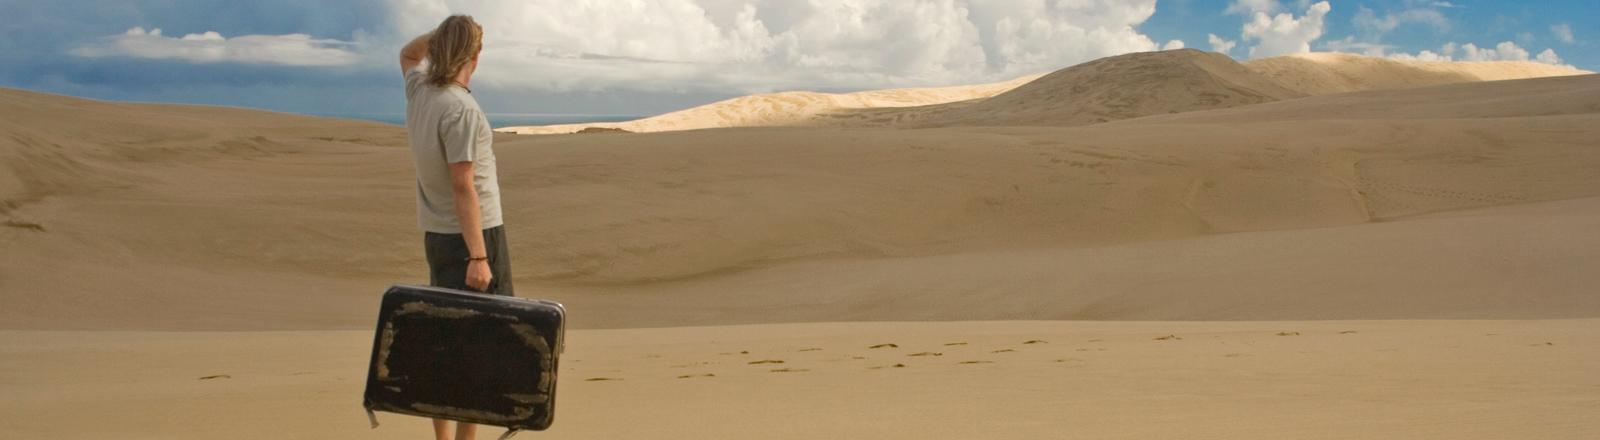 Ein Mann steht mitten in der Wüste und hält einen Koffer in der Hand. Er blickt in die Ferne.